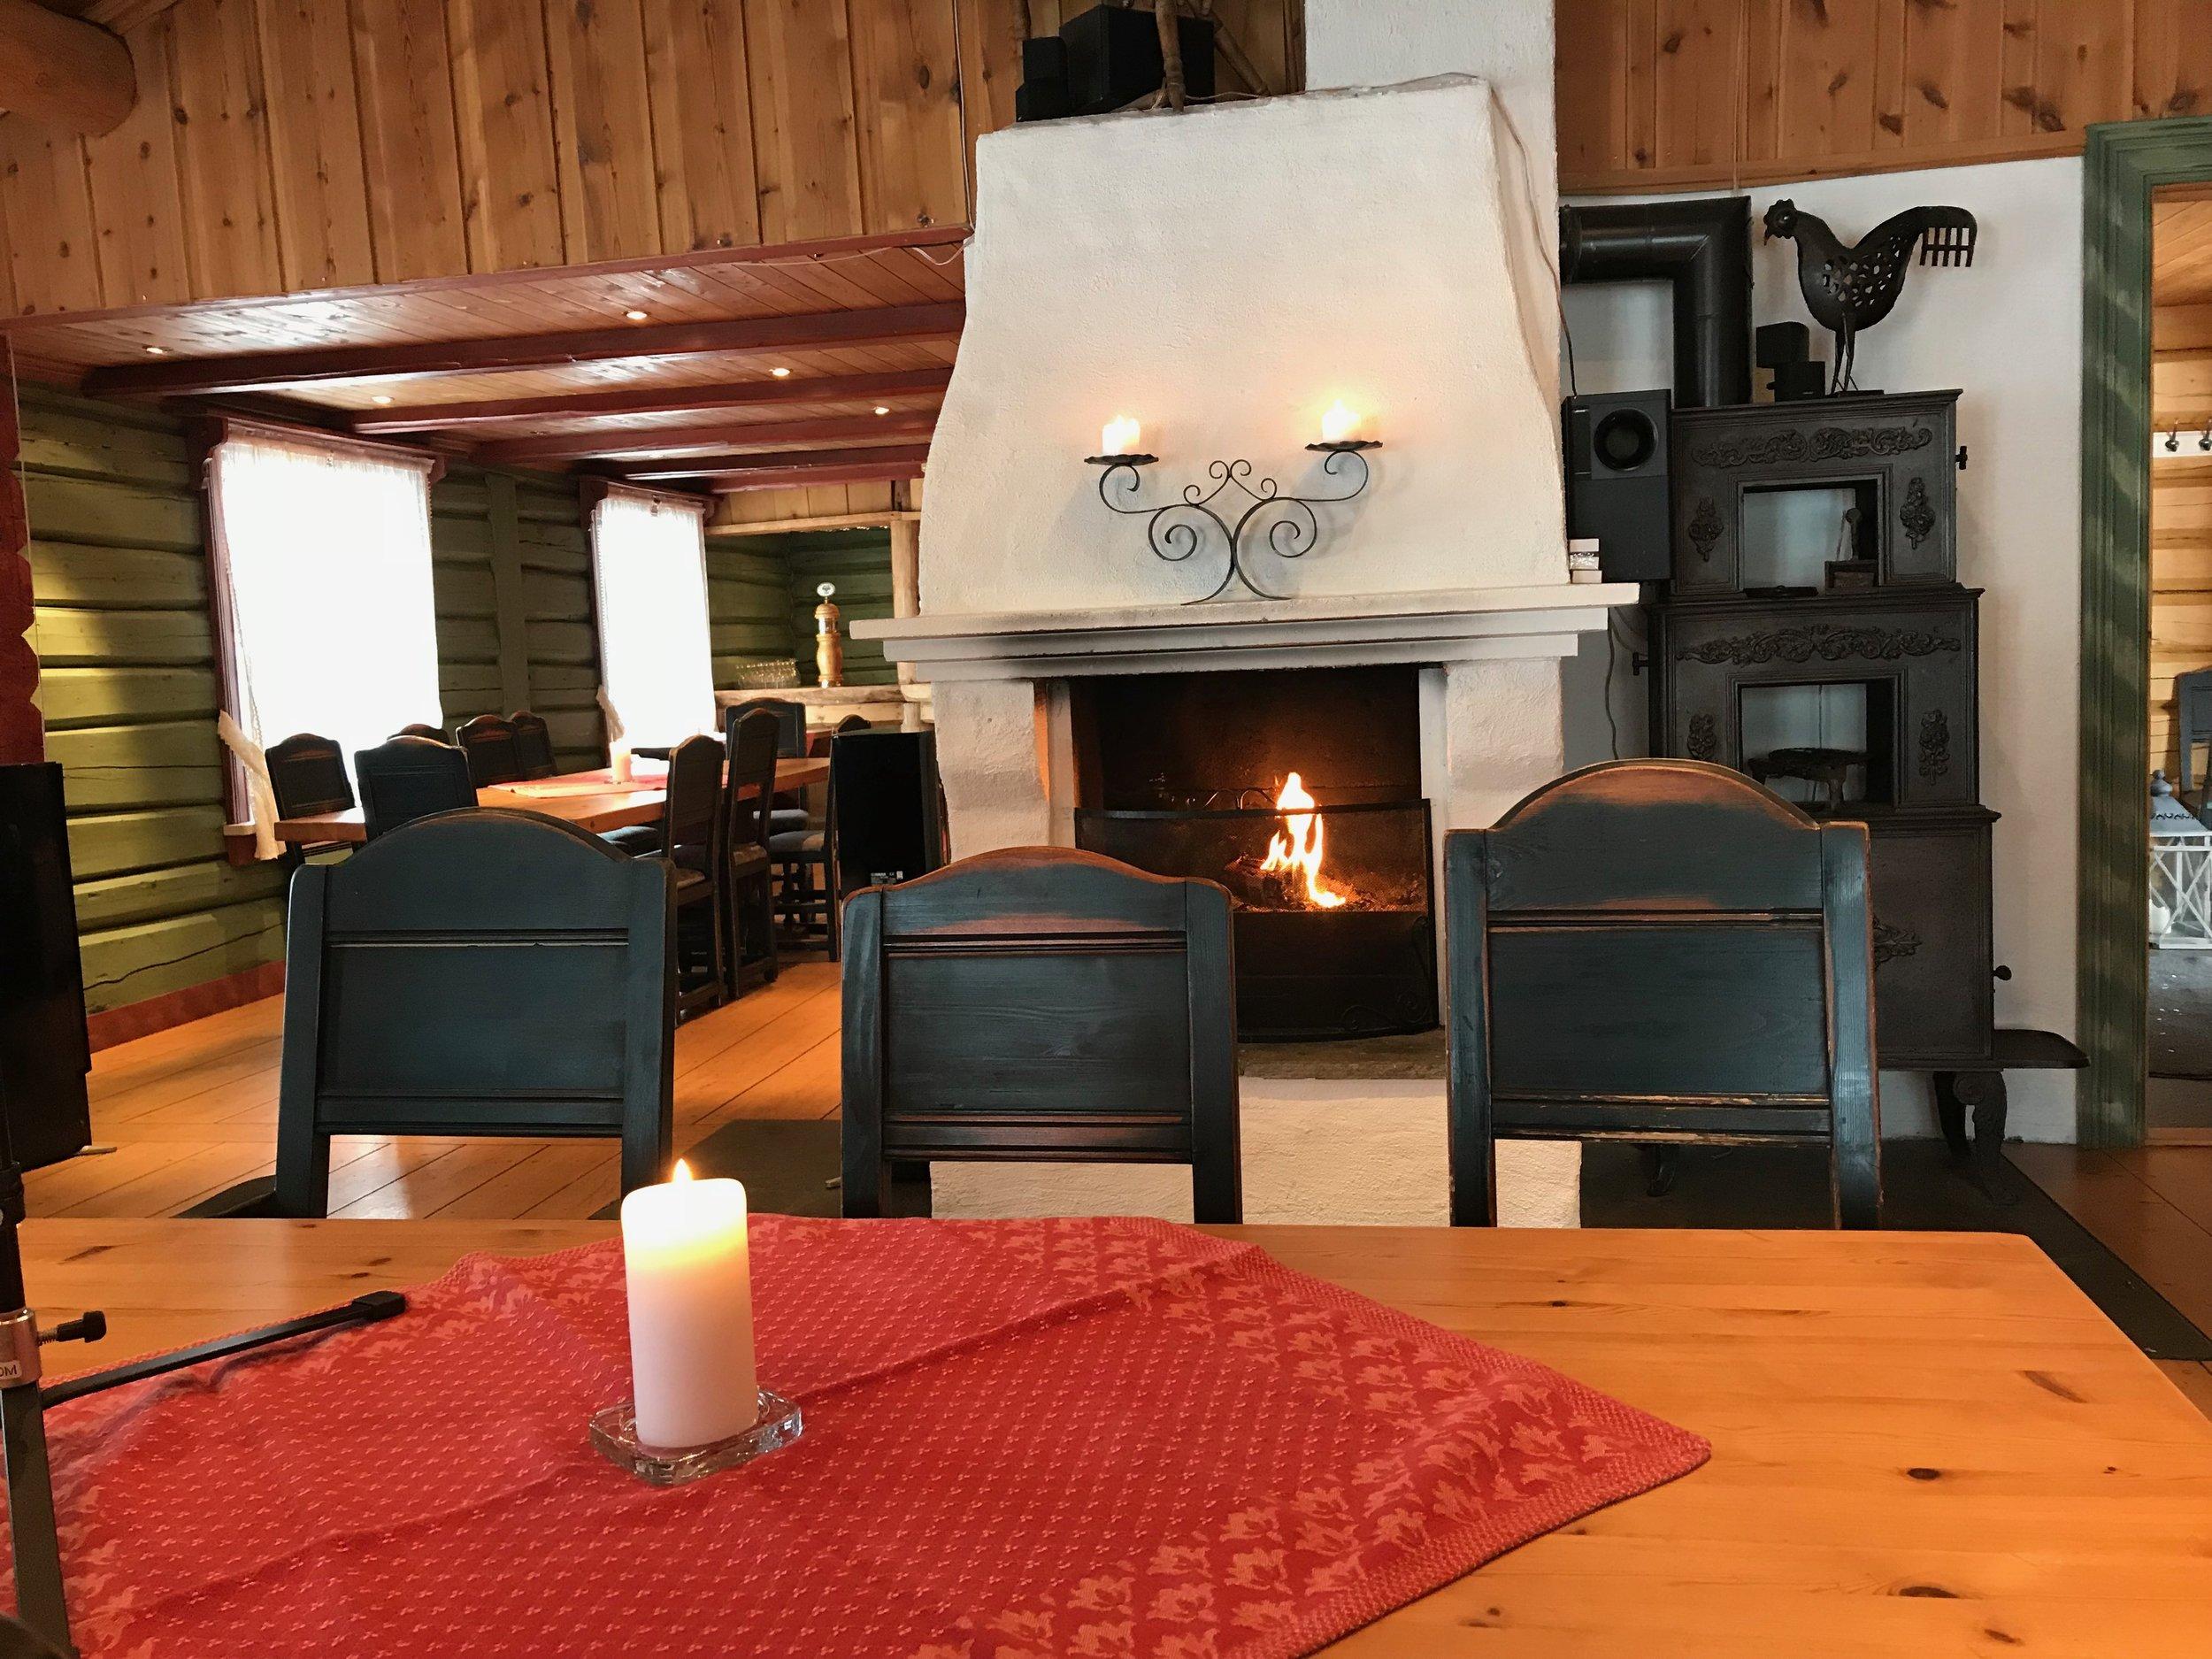 Timbra - Timbra er et 200-år gammelt tømmerhus, som tidligere var